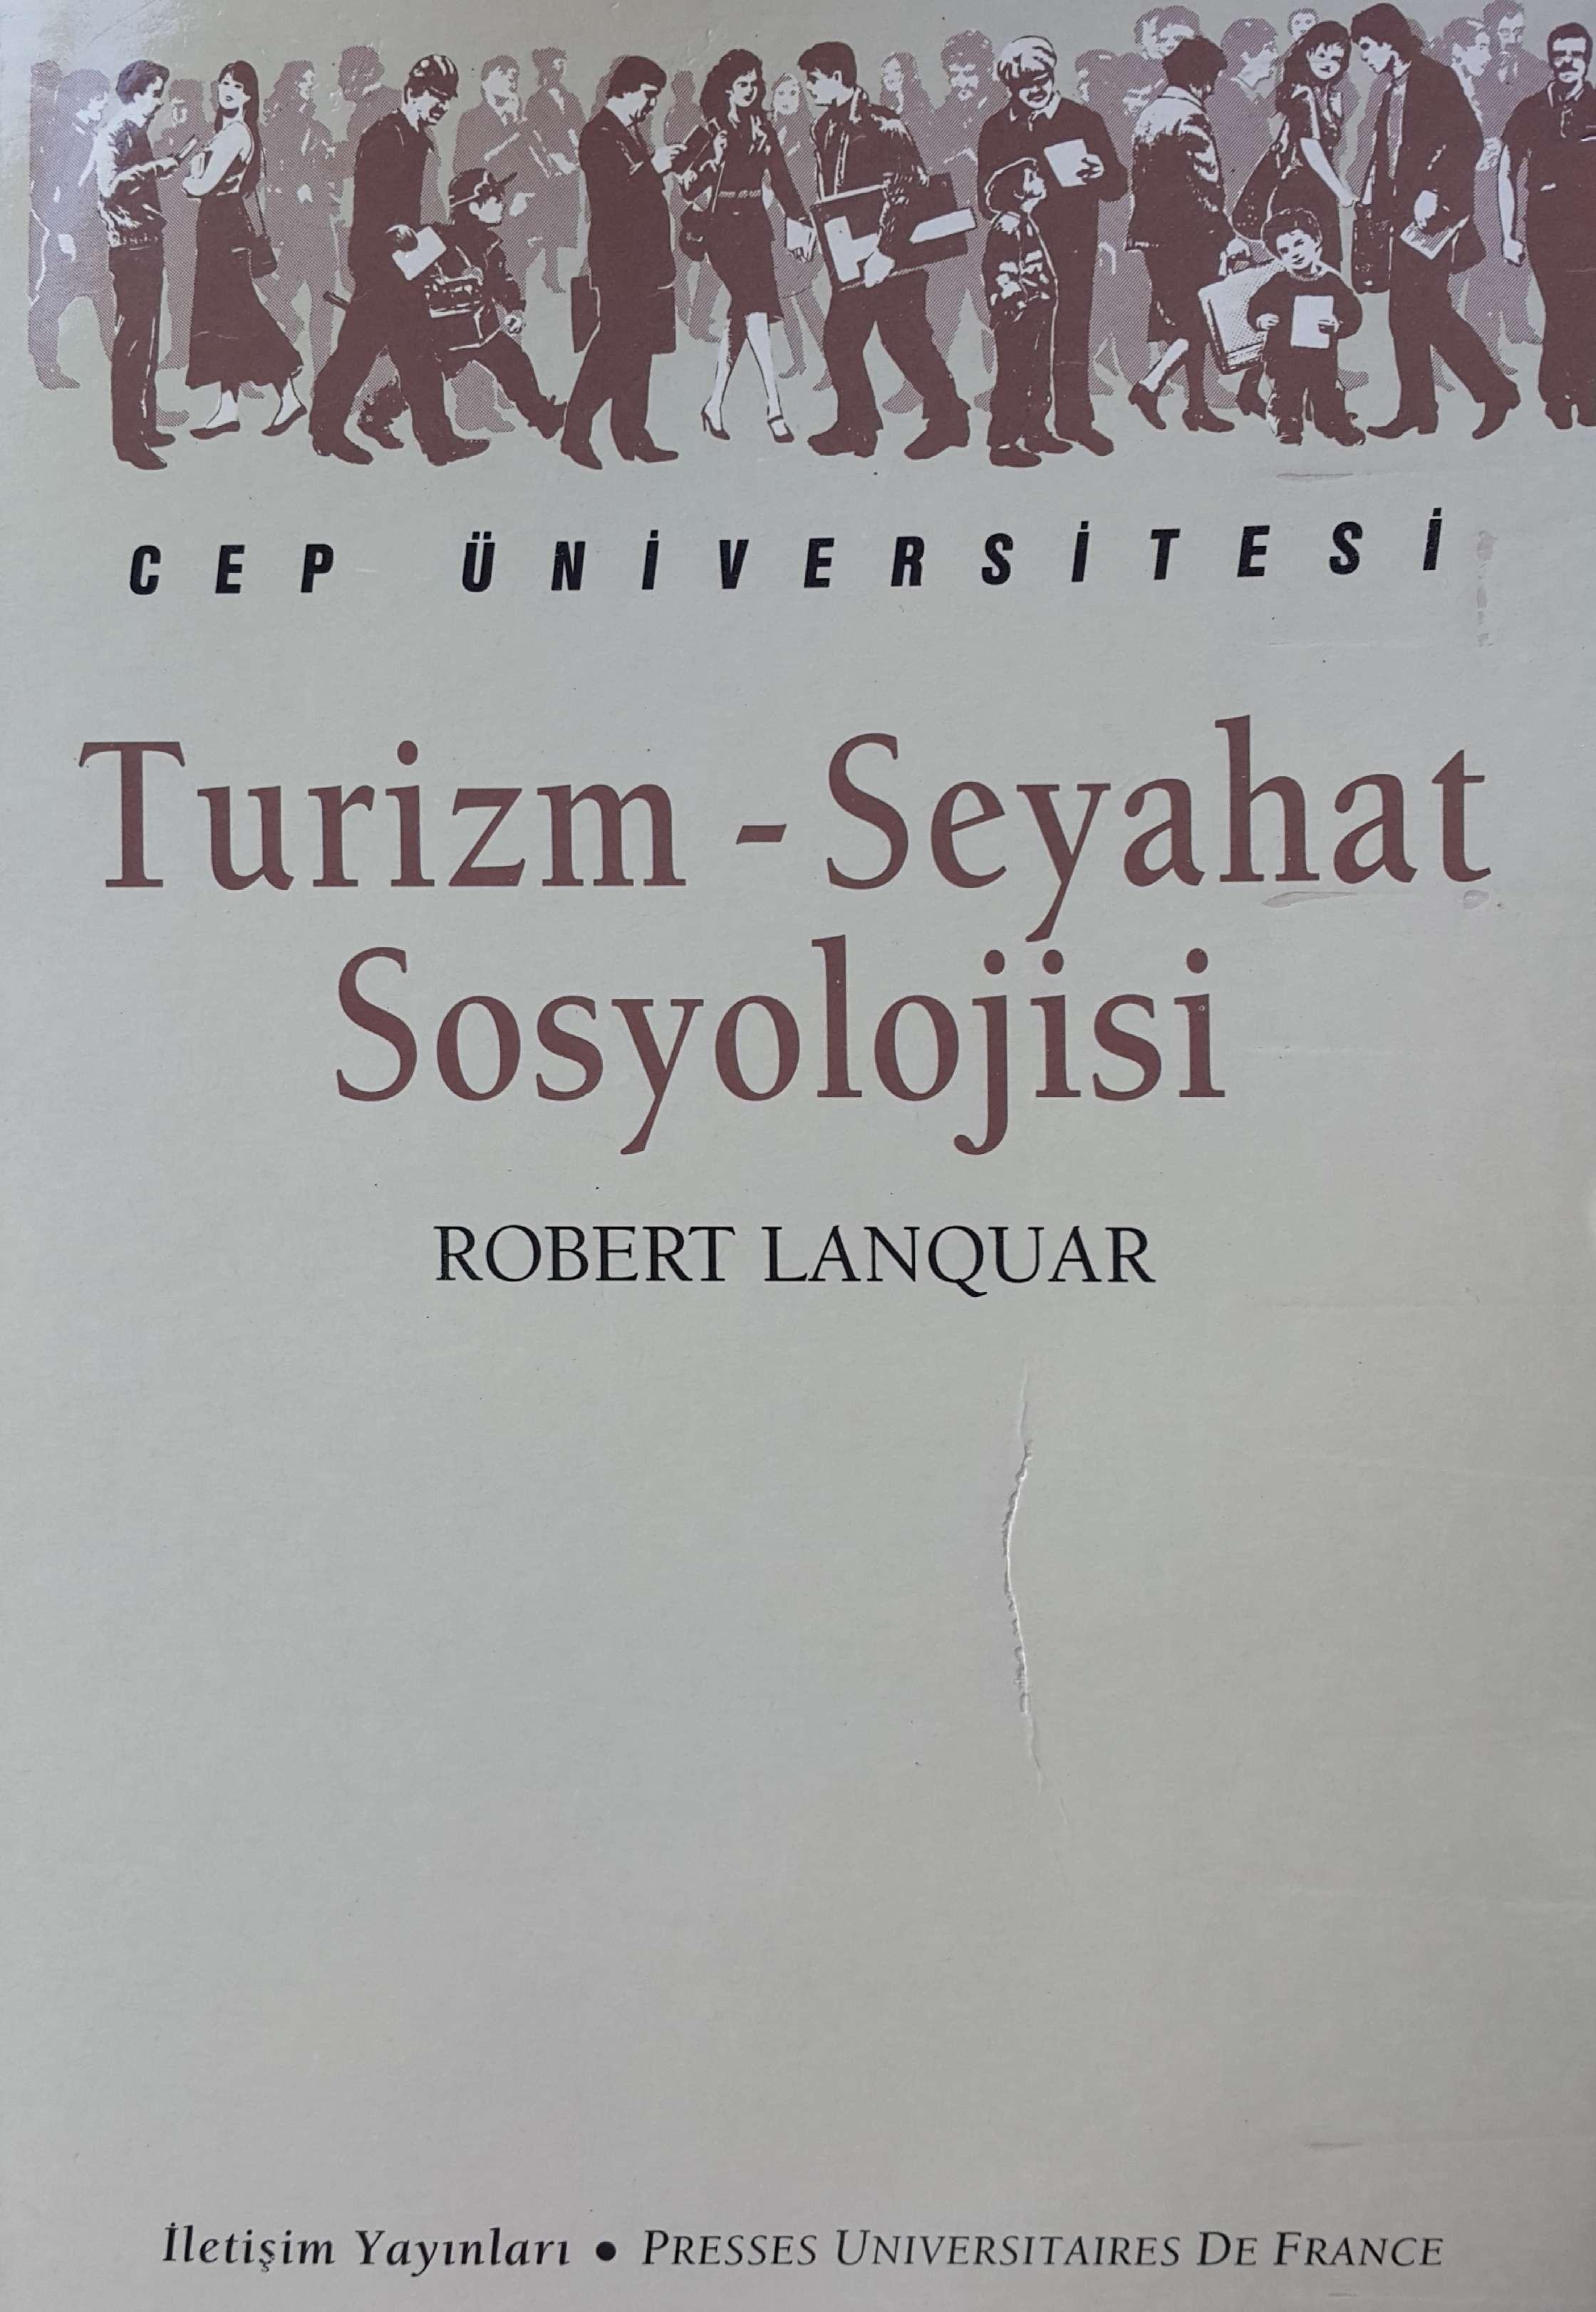 Turizm ve Seyahat Sosyolojisi (Özgün adı: Sociologie du tourisme et des voyages) Kitap Kapağı